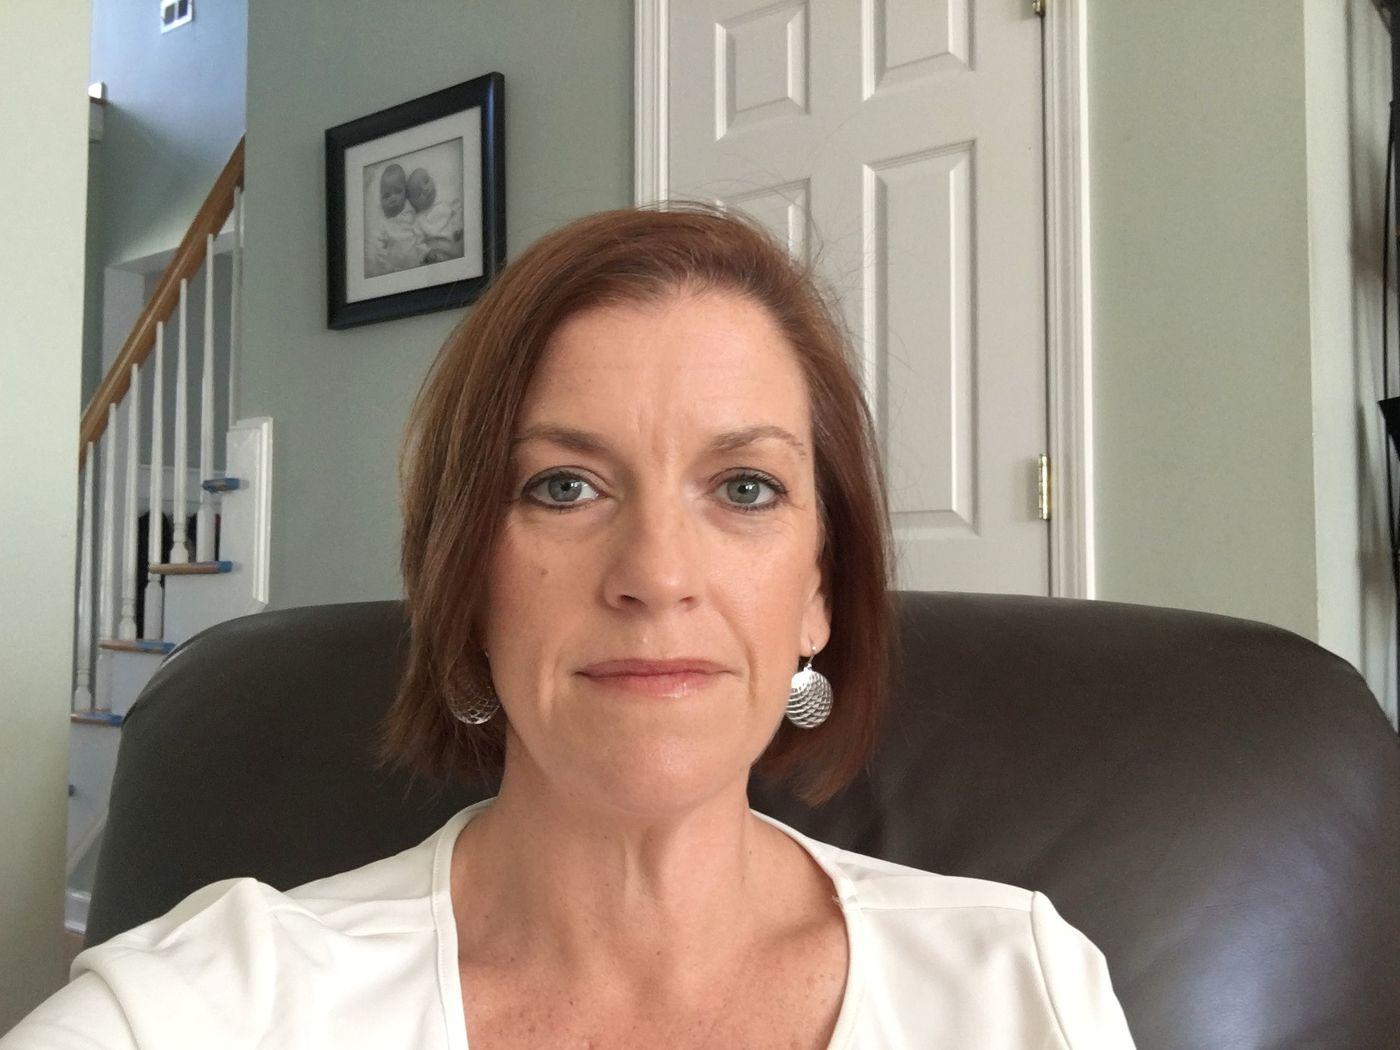 Melanie Cameron Realtor - Need a Preapproval